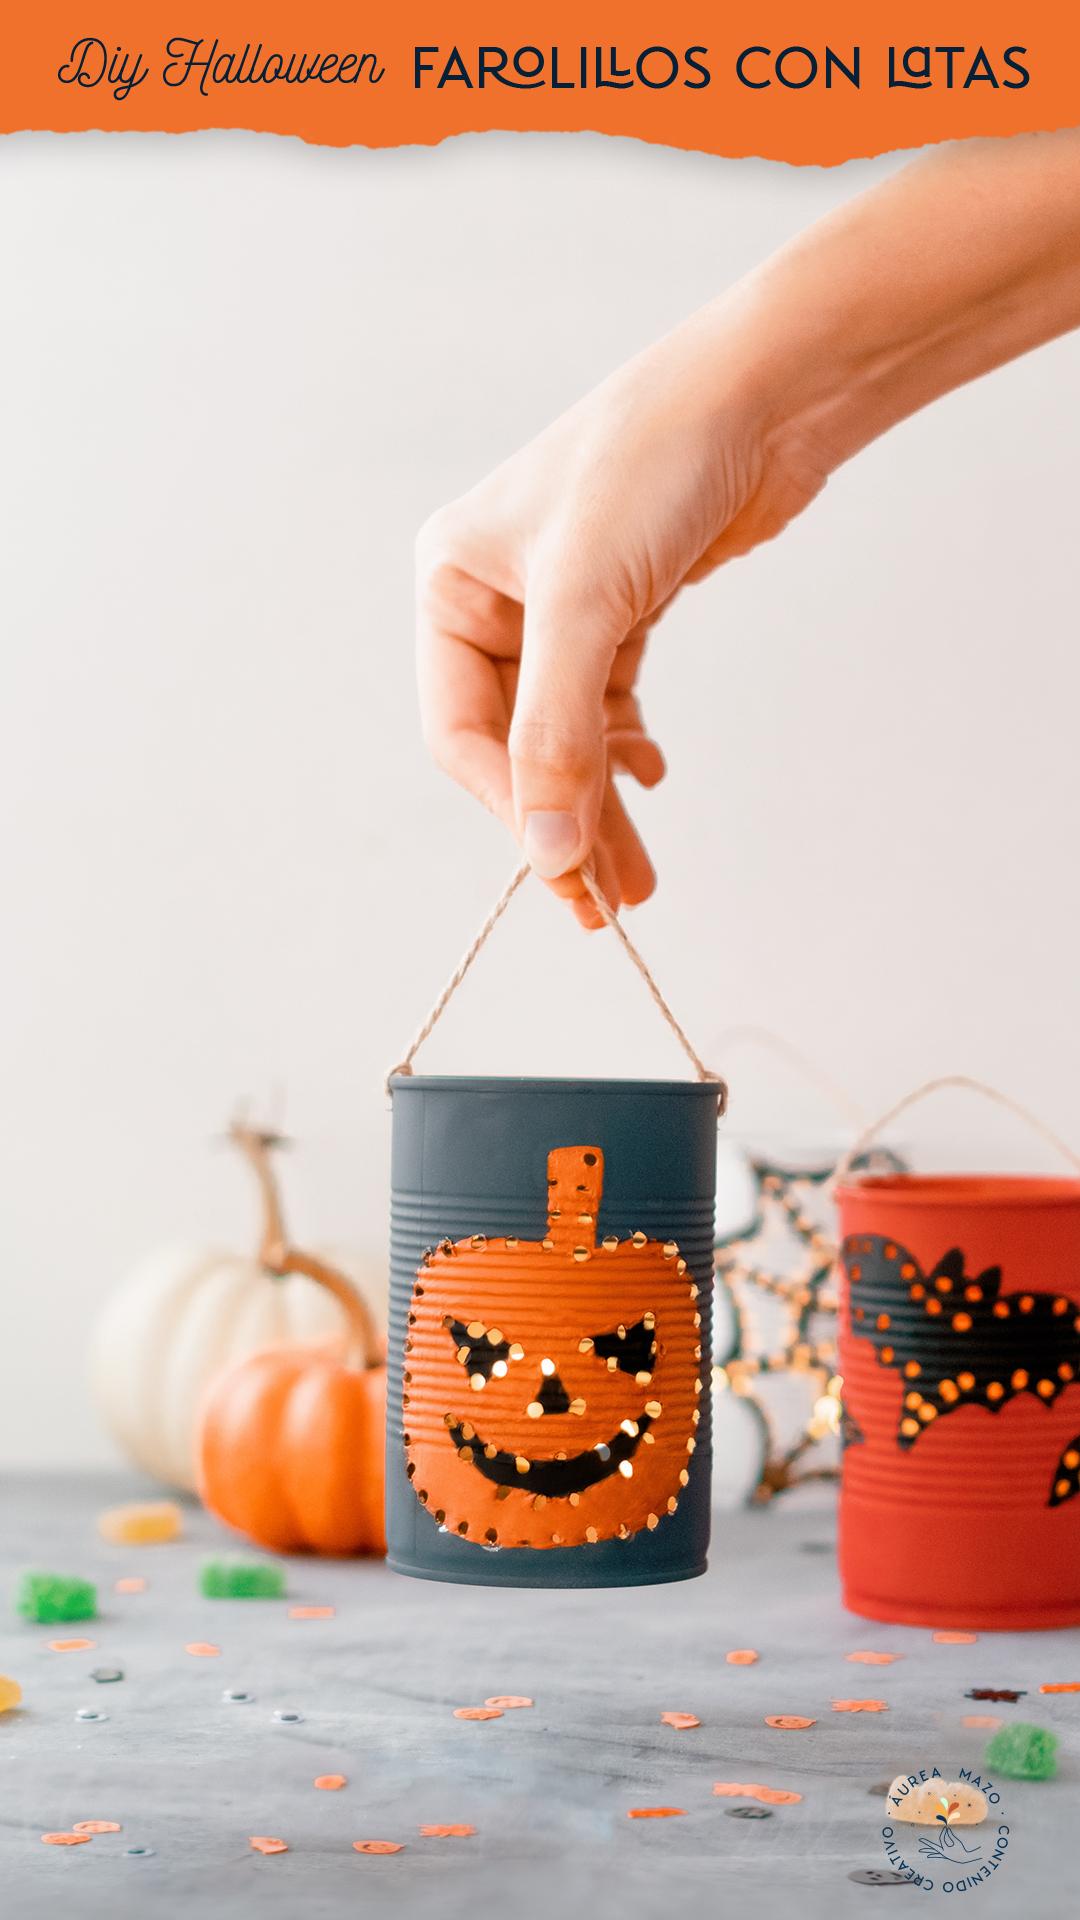 Farolillos de Halloween con latas. Con plantillas para descargar.